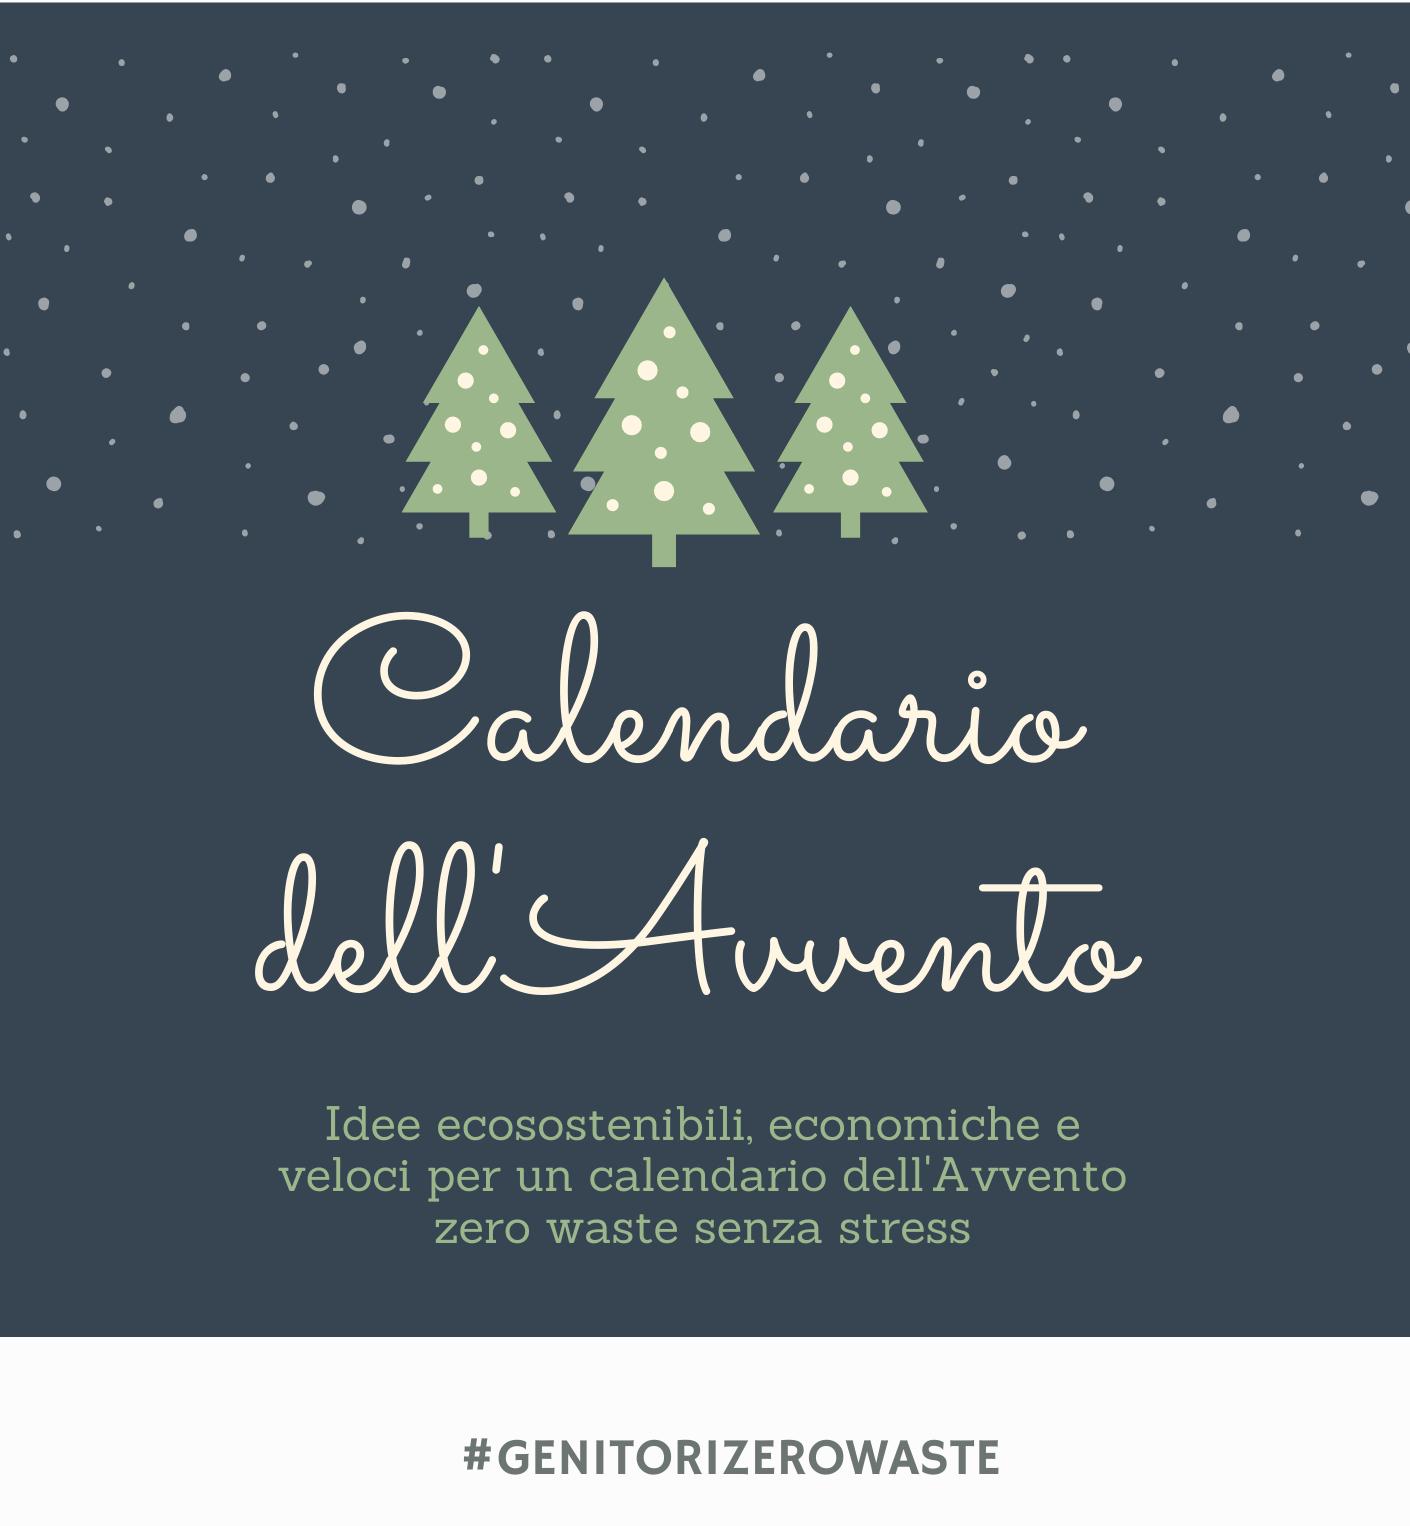 Calendari dell'Avvento sostenibili